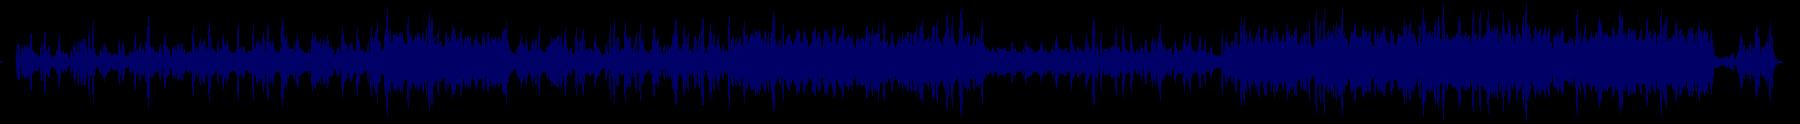 waveform of track #66306